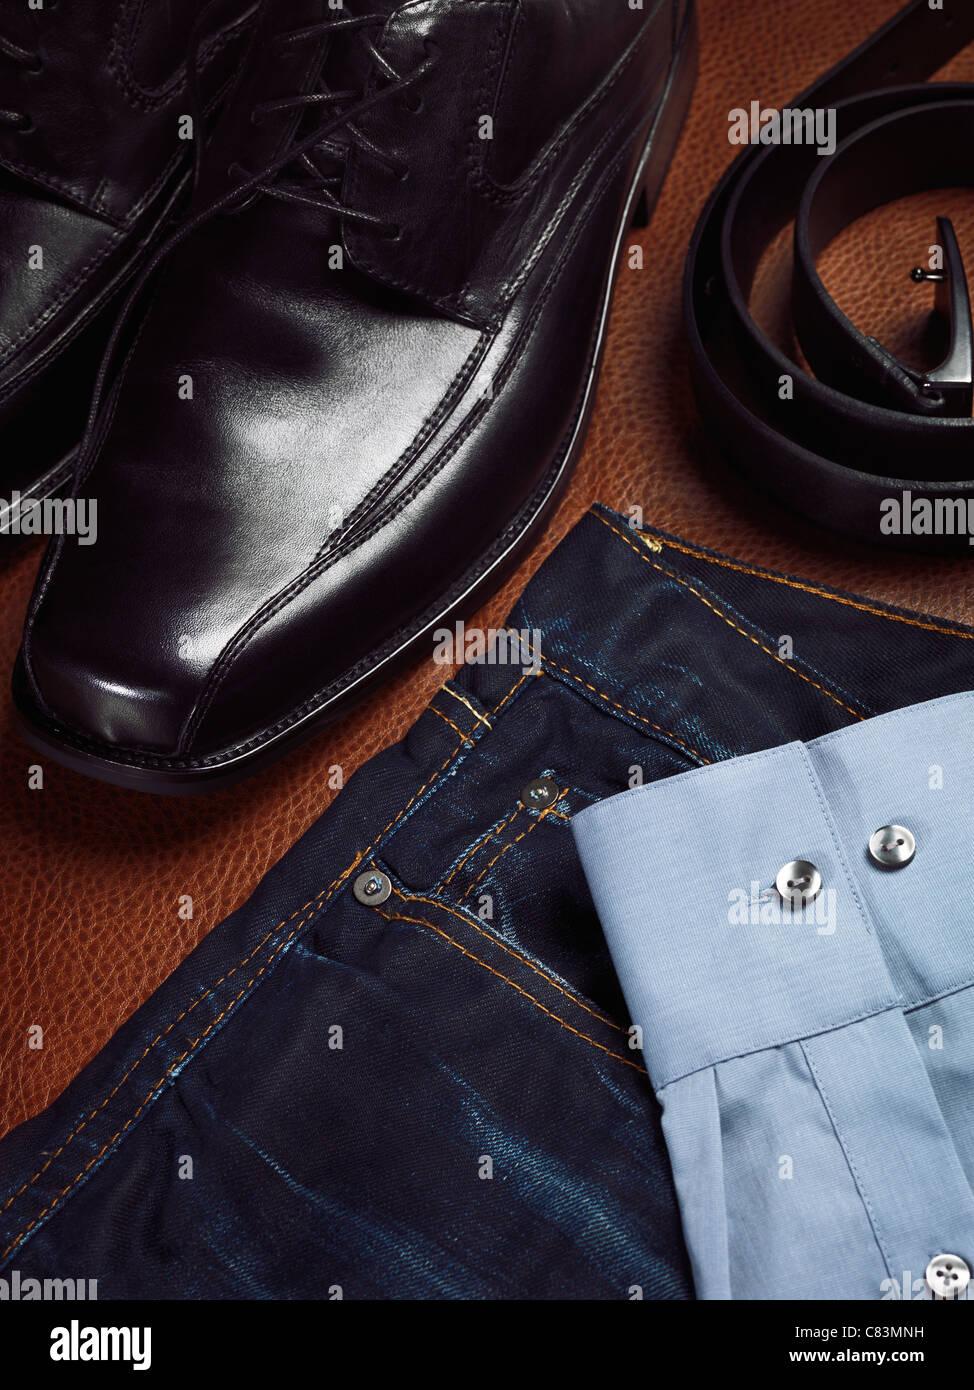 Mens fashion still life. Primer plano artístico de zapatos de vestir, jeans, una correa y una camiseta. Imagen De Stock